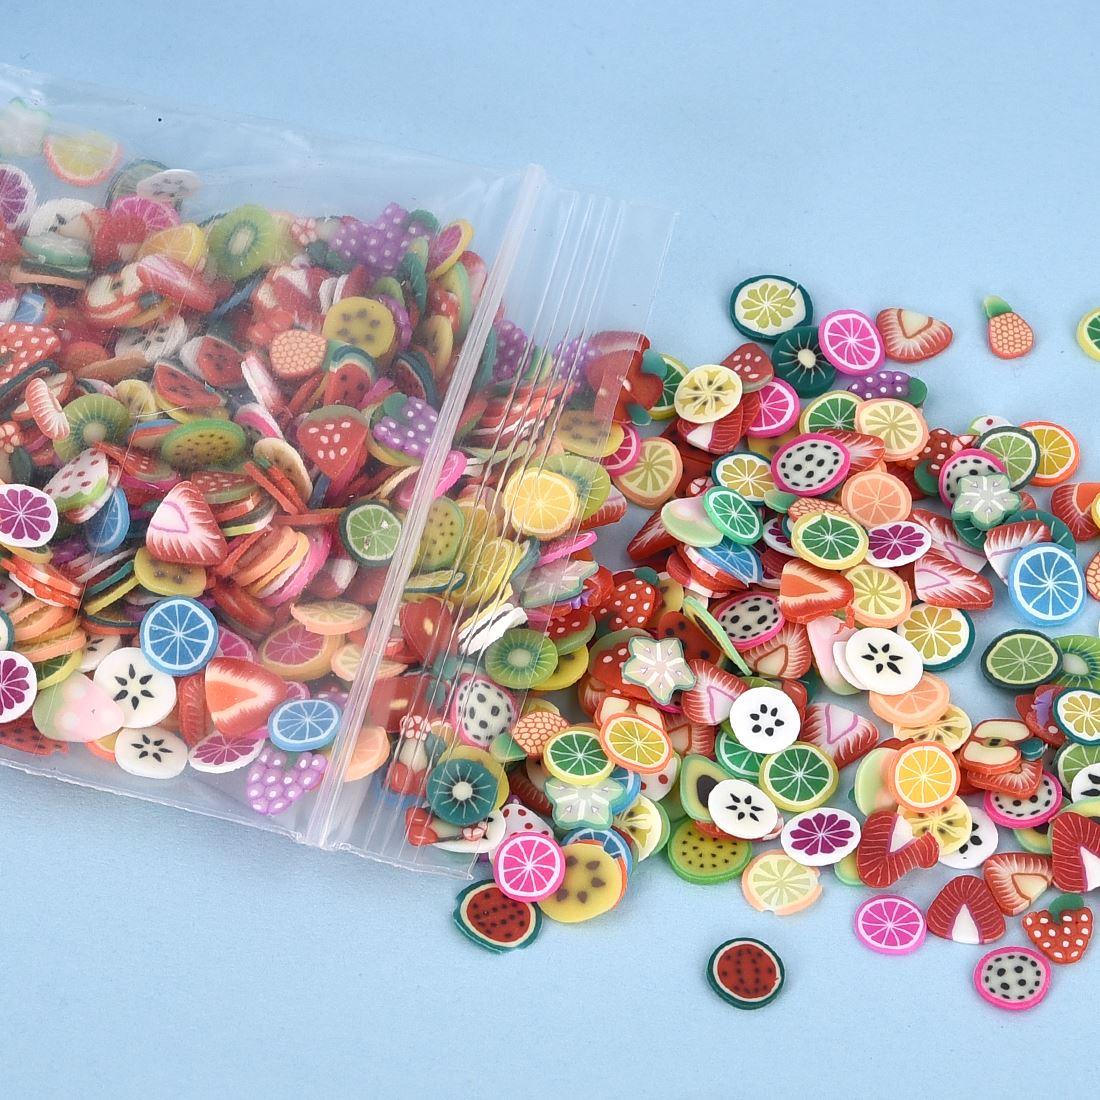 Разноцветный-разноцветный-наполнитель-для-украшения-ногтей-из-эпоксидной-смолы